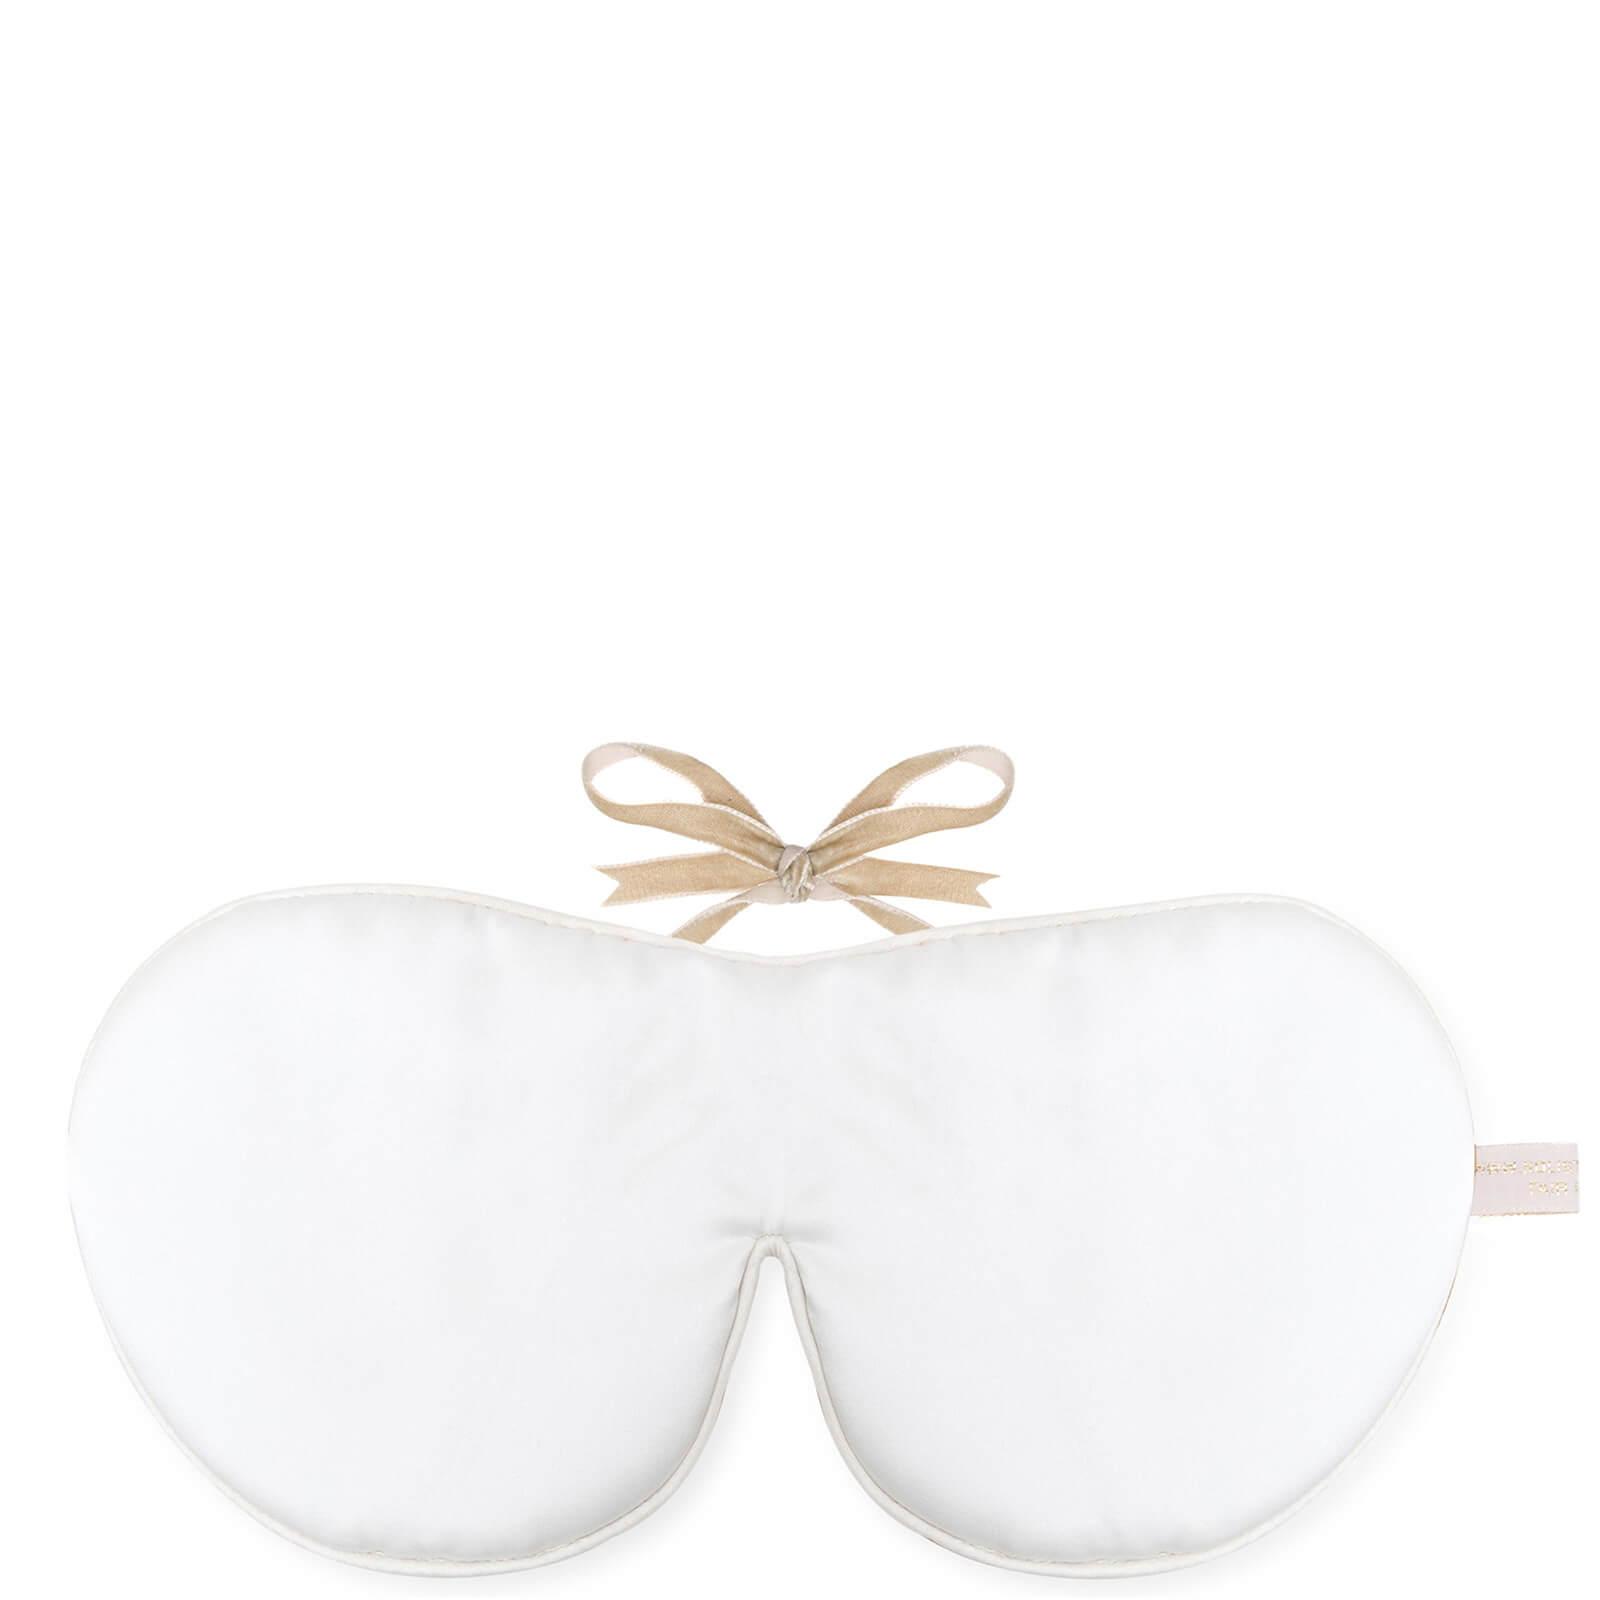 Купить Омолаживающая шелковая ароматизированная маска для глаз Holistic SilkAnti-AgeingEye Mask Scented, белый цвет